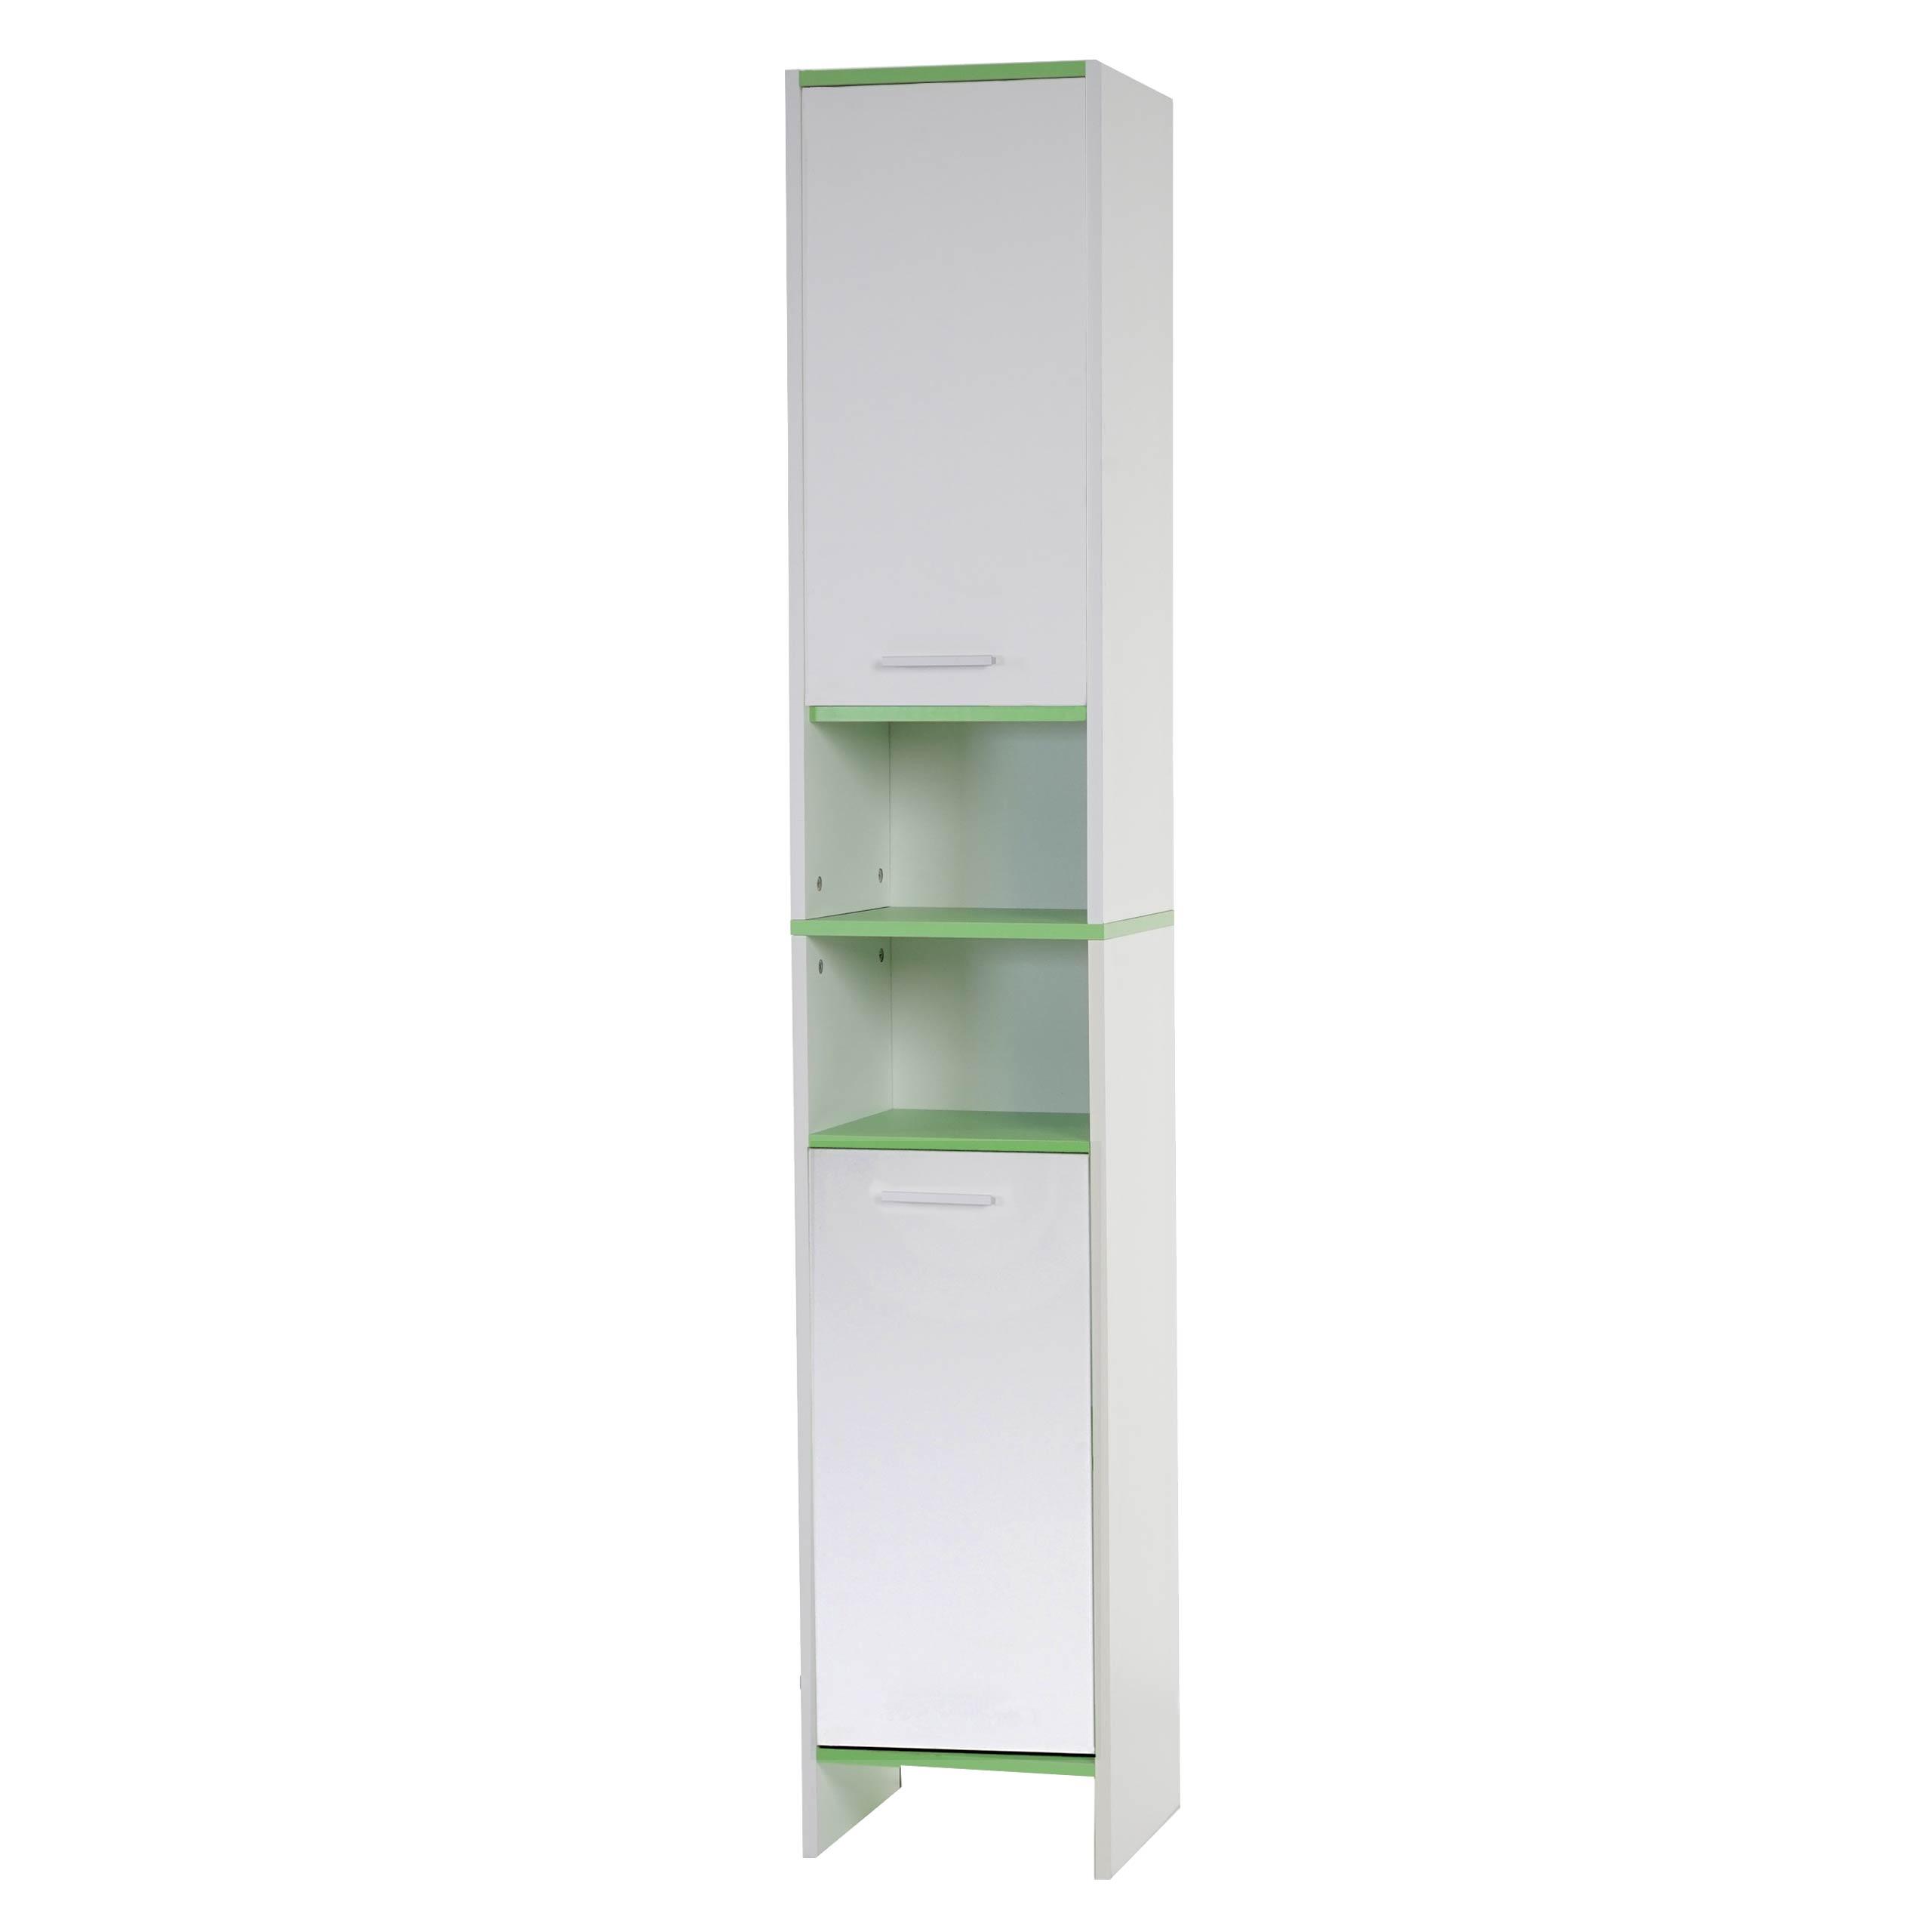 Arredo bagno serie Arezzo mobile alto 179x315x28cm legno  biancoverde D  eBay